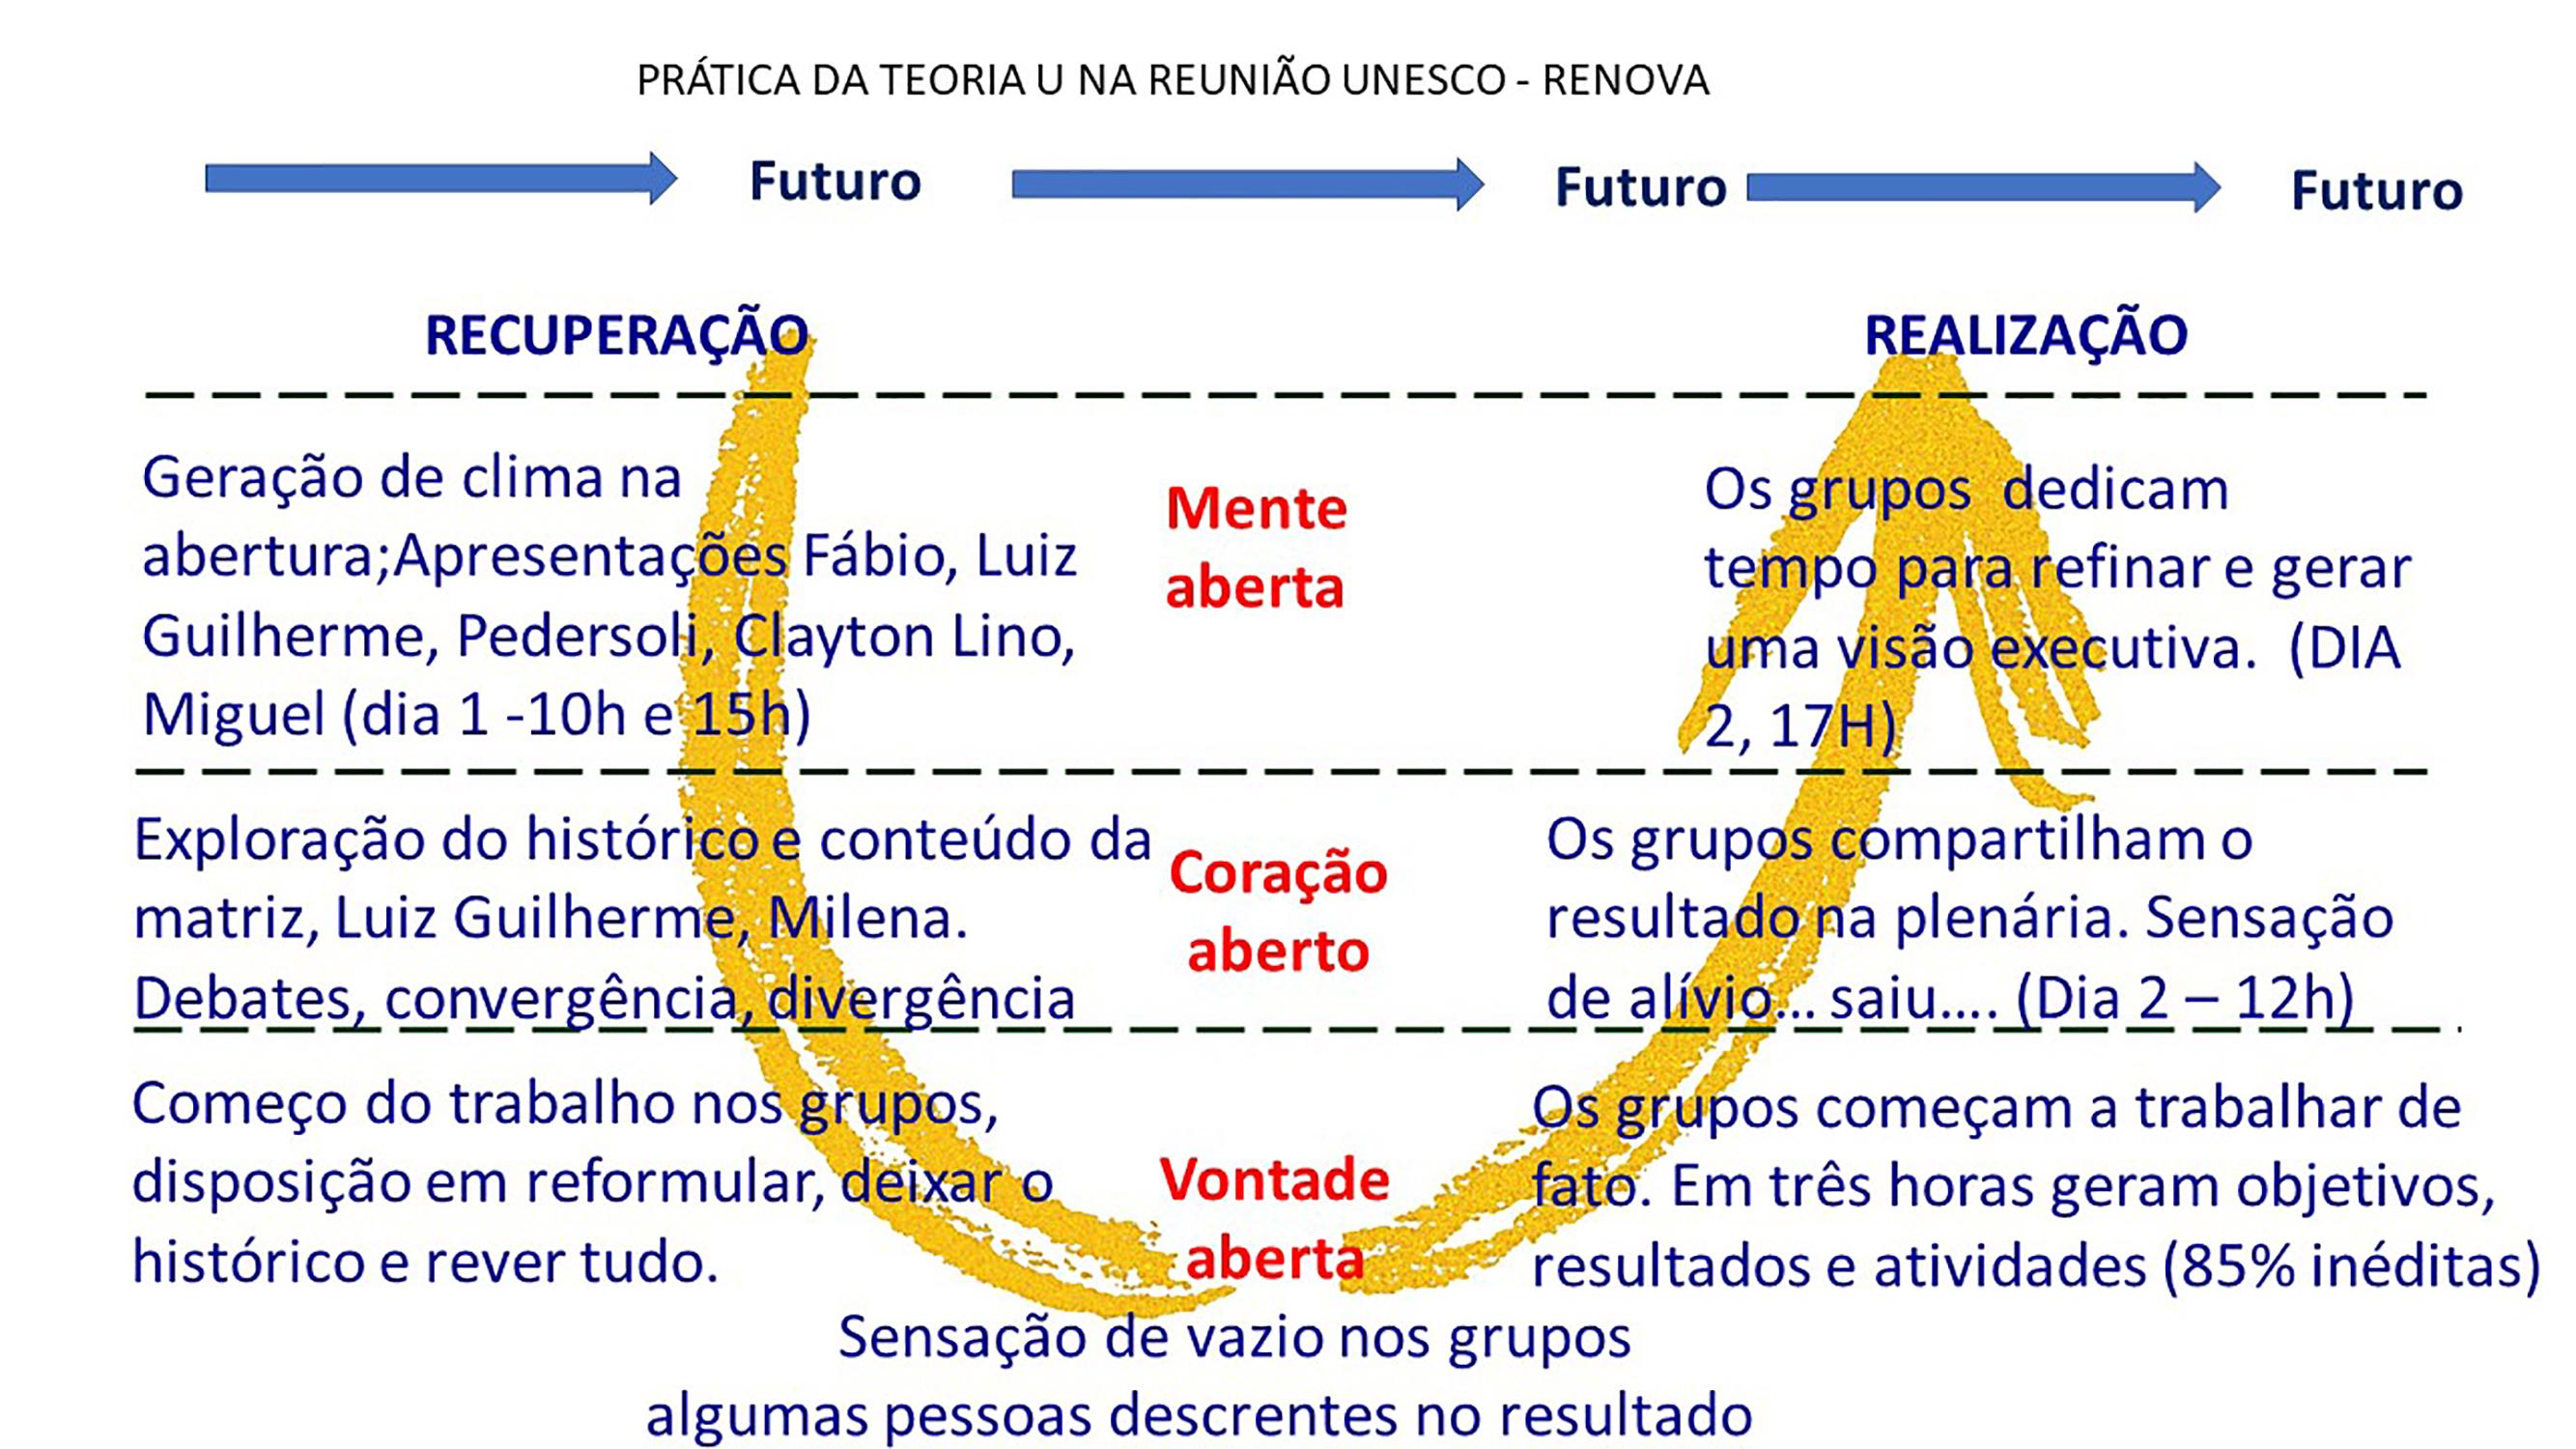 02 Imagem U alta resolucao  - Inteligência Coletiva com uso da Teoria U - servicos, historico, fatos, consultoria, blog